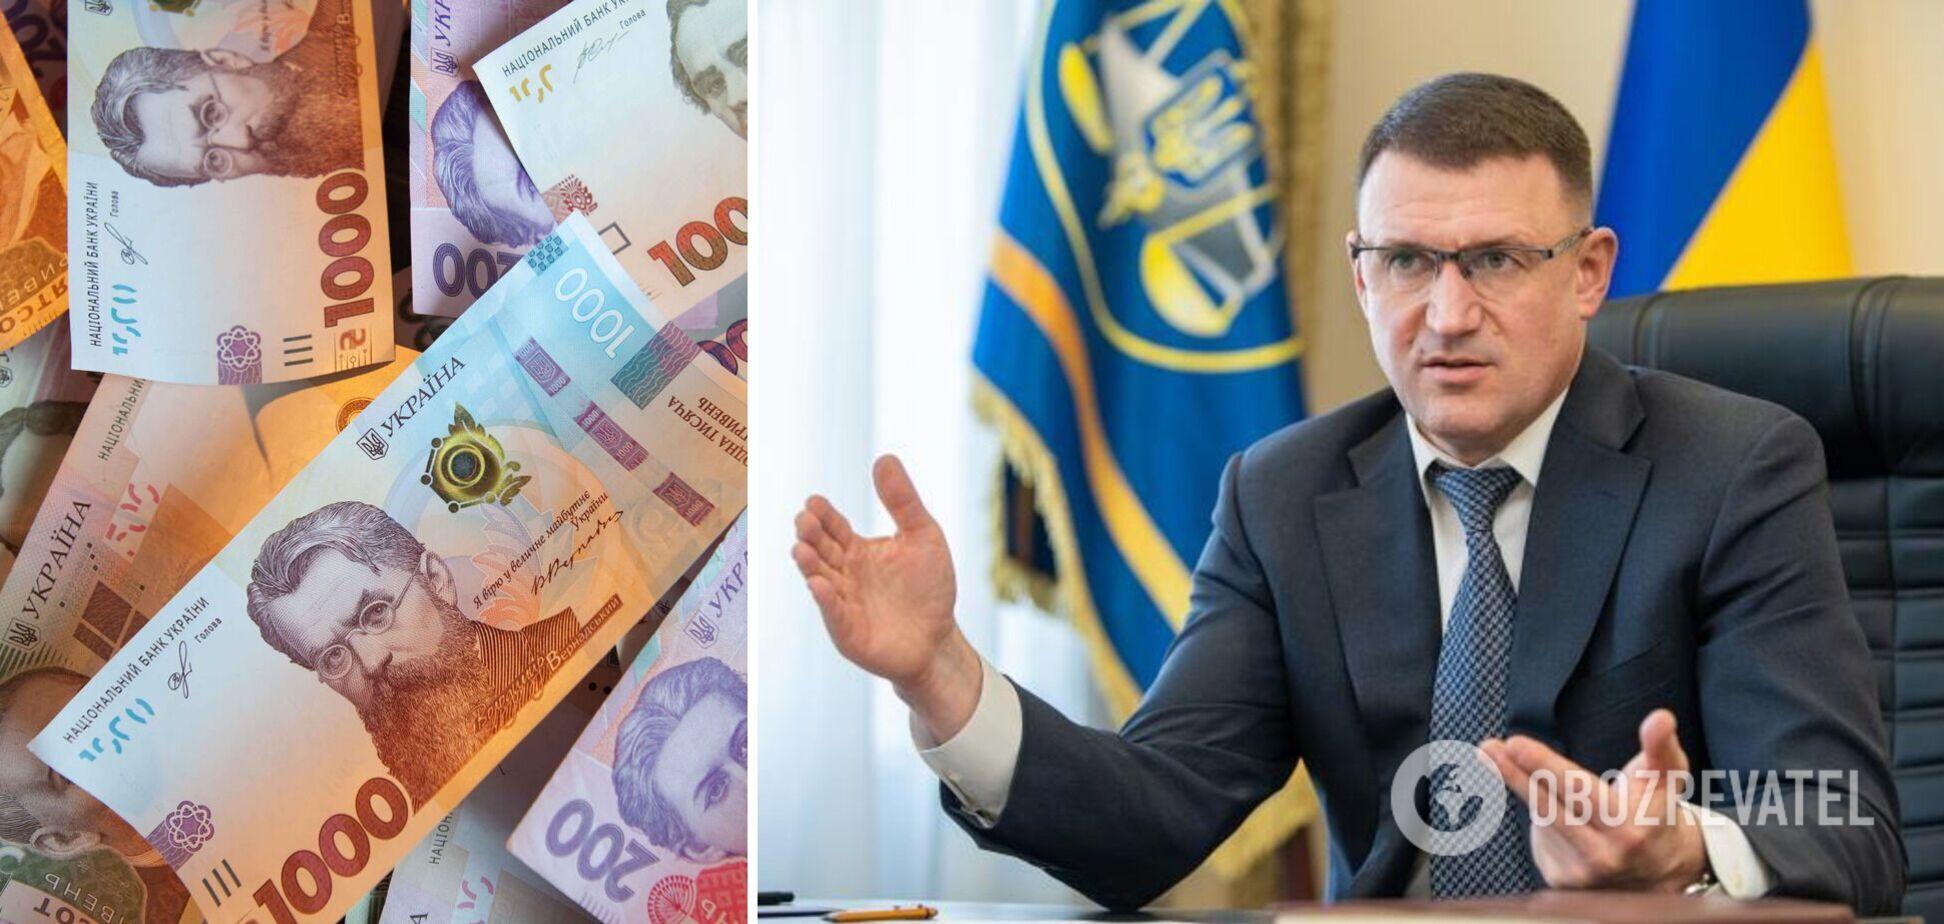 Вадим Мельник объяснил, где взял деньги на квартиры и авто